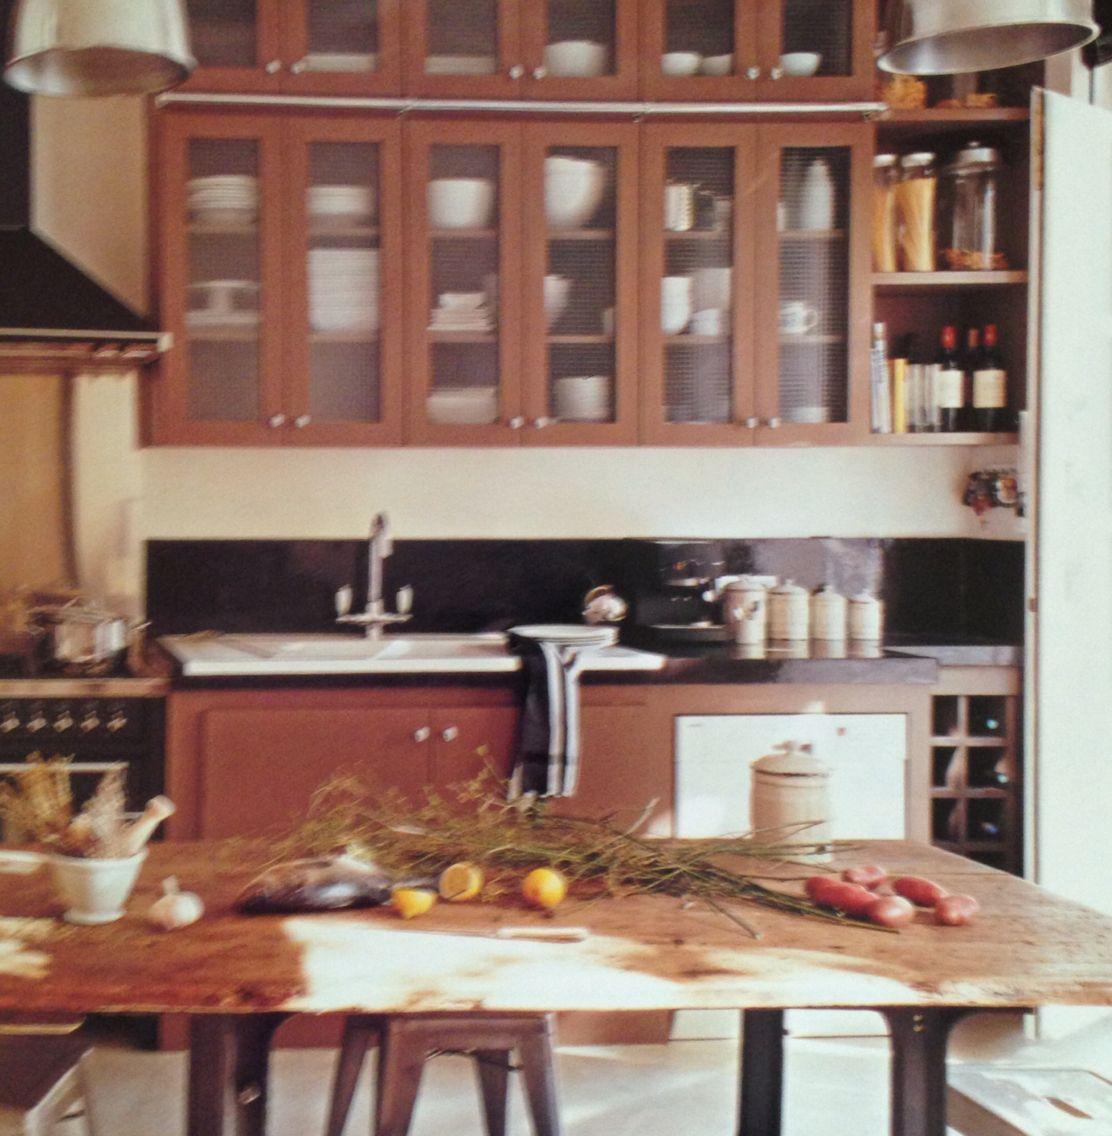 Küchenideen in kerala beach kitchen decor butcher blocks kitchen decor coffee barkitchen